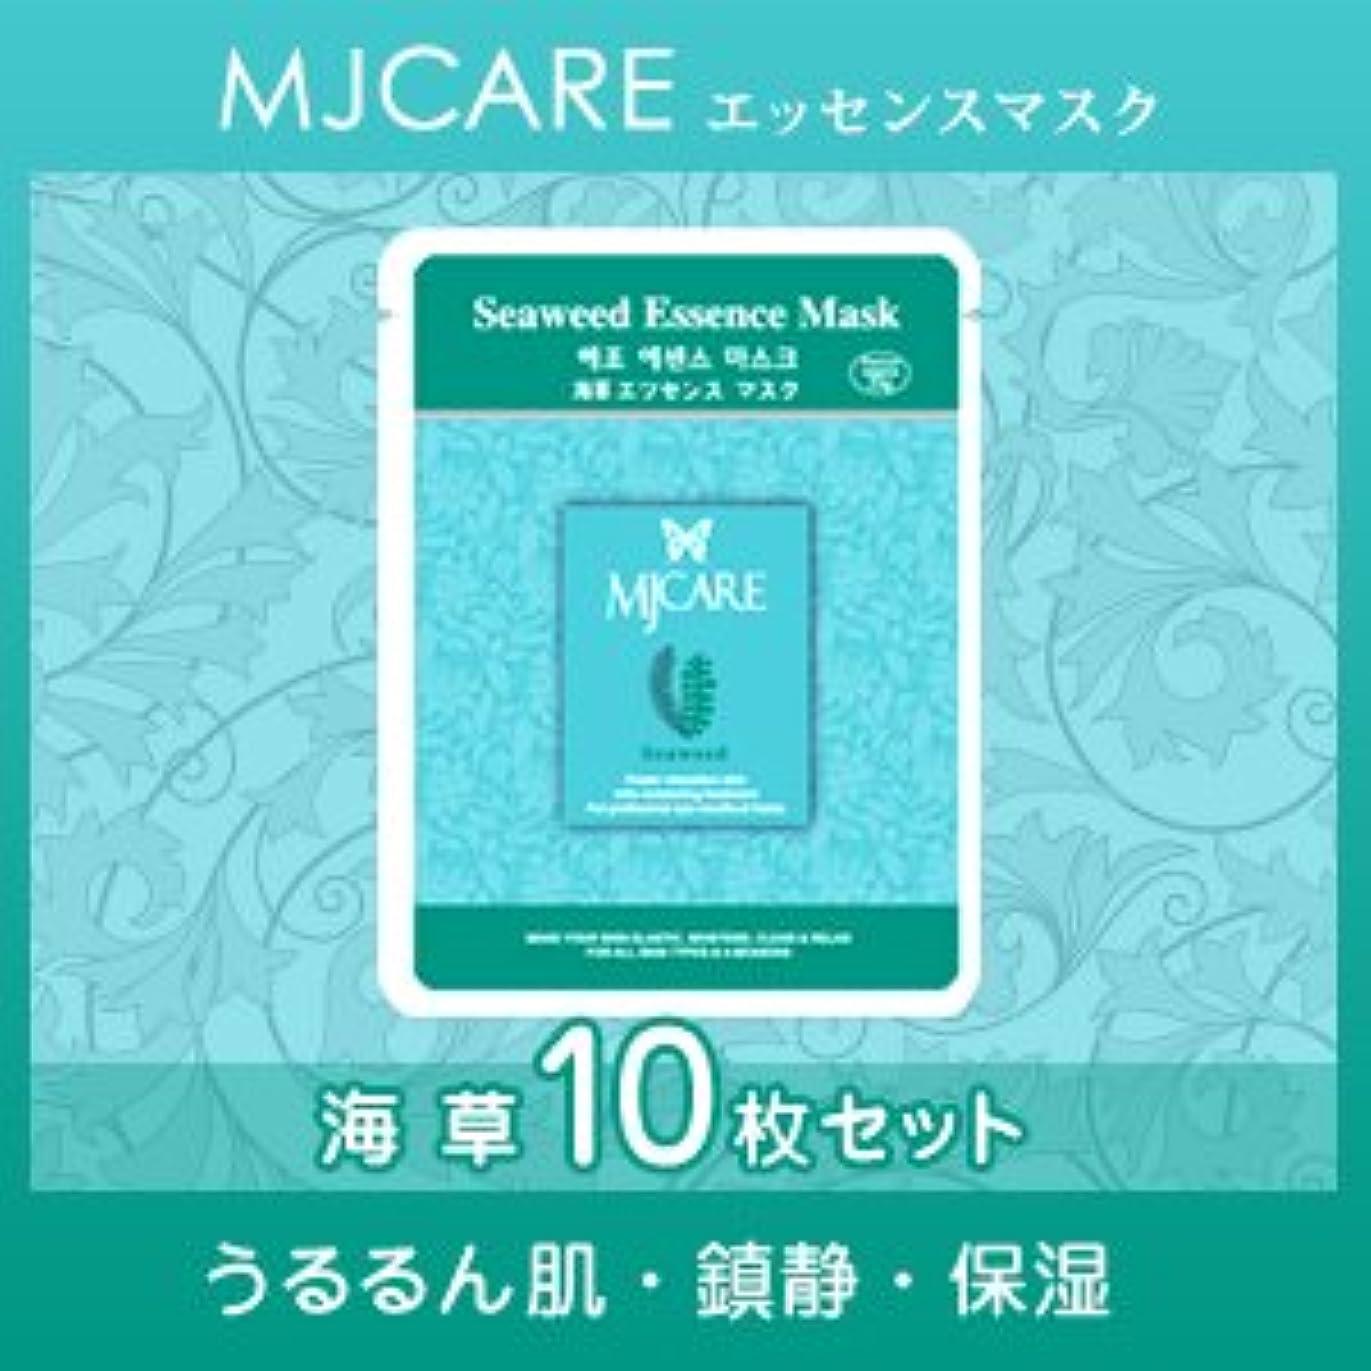 裕福な富ヒゲMJCARE (エムジェイケア) 海草 エッセンスマスク 10セット